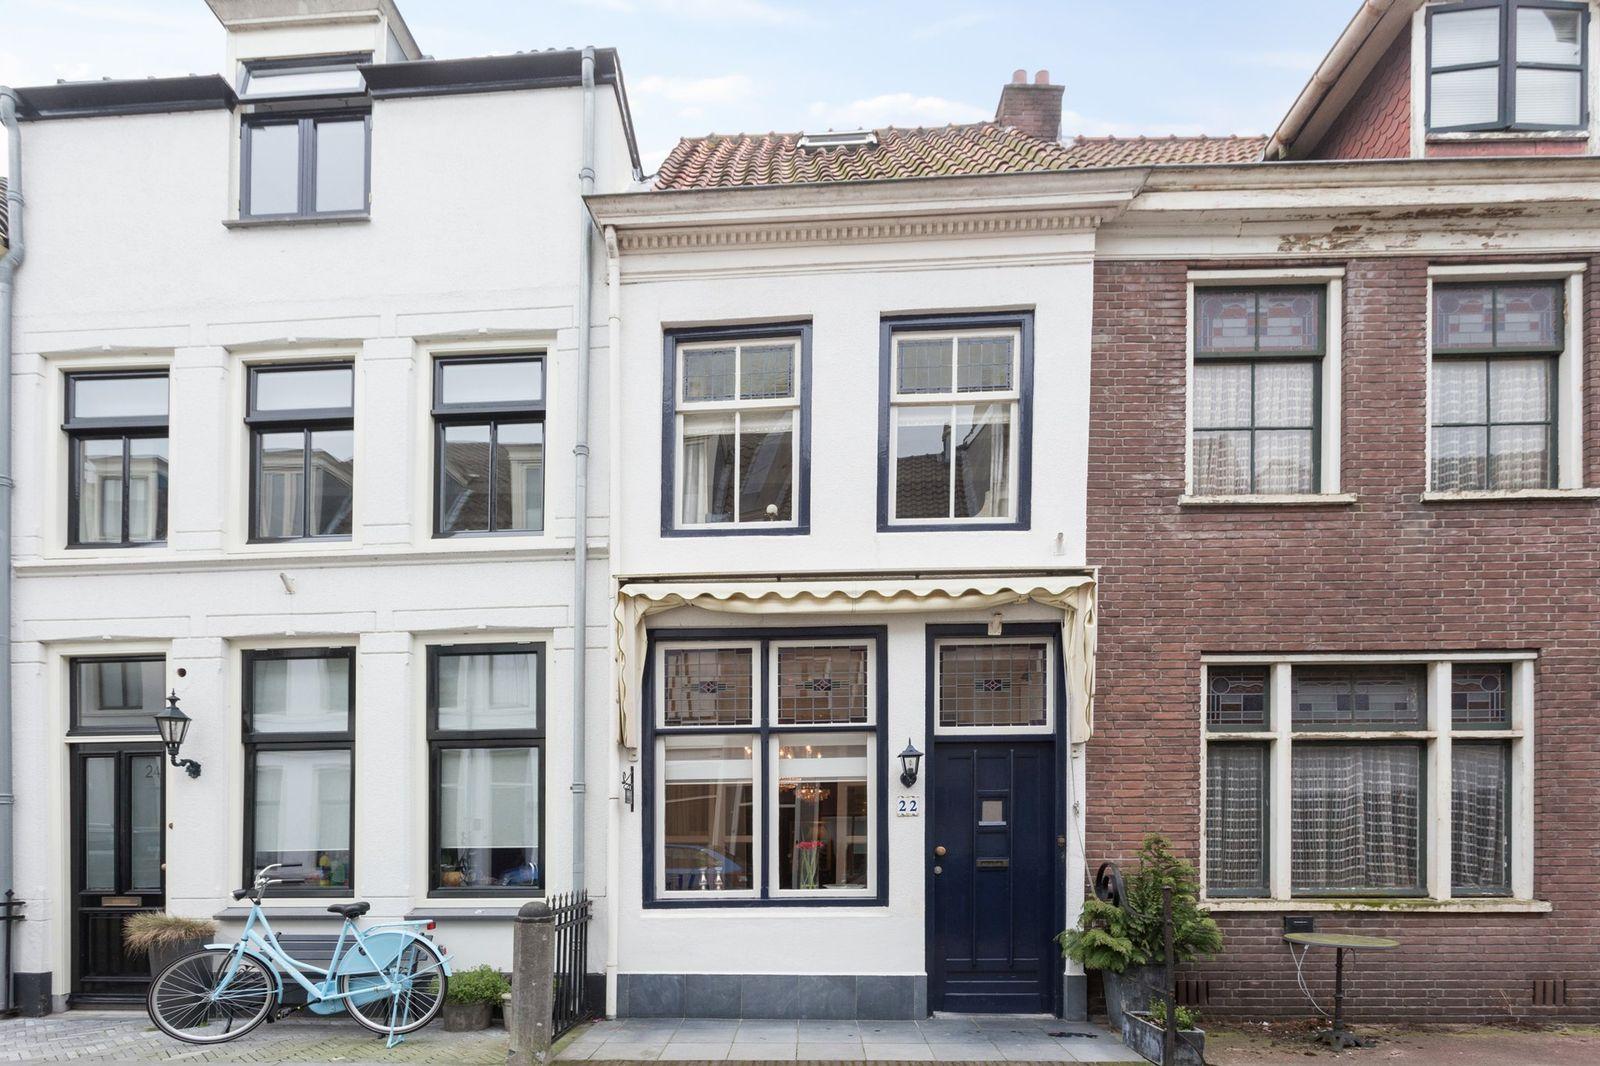 Koningstraat 22, Zaltbommel